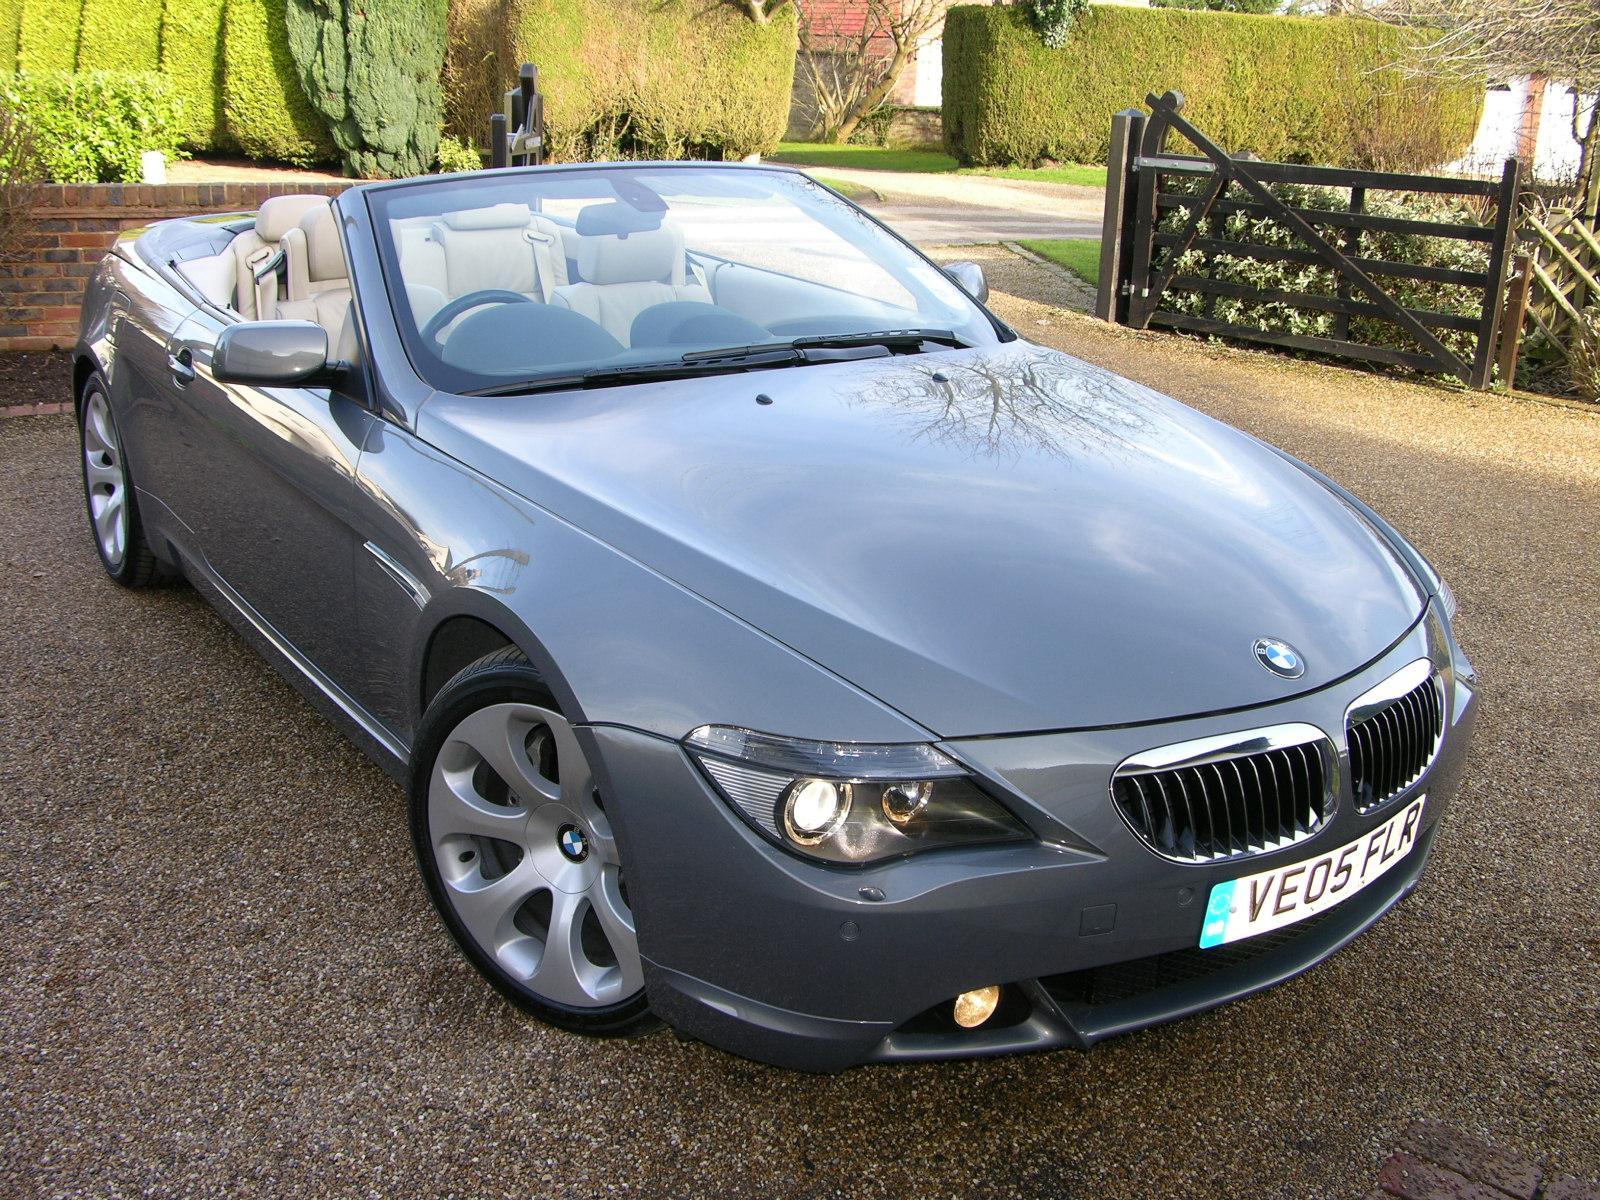 File BMW Ci Cabriolet Flickr The Car Spy Jpg - Bmw 645 2005